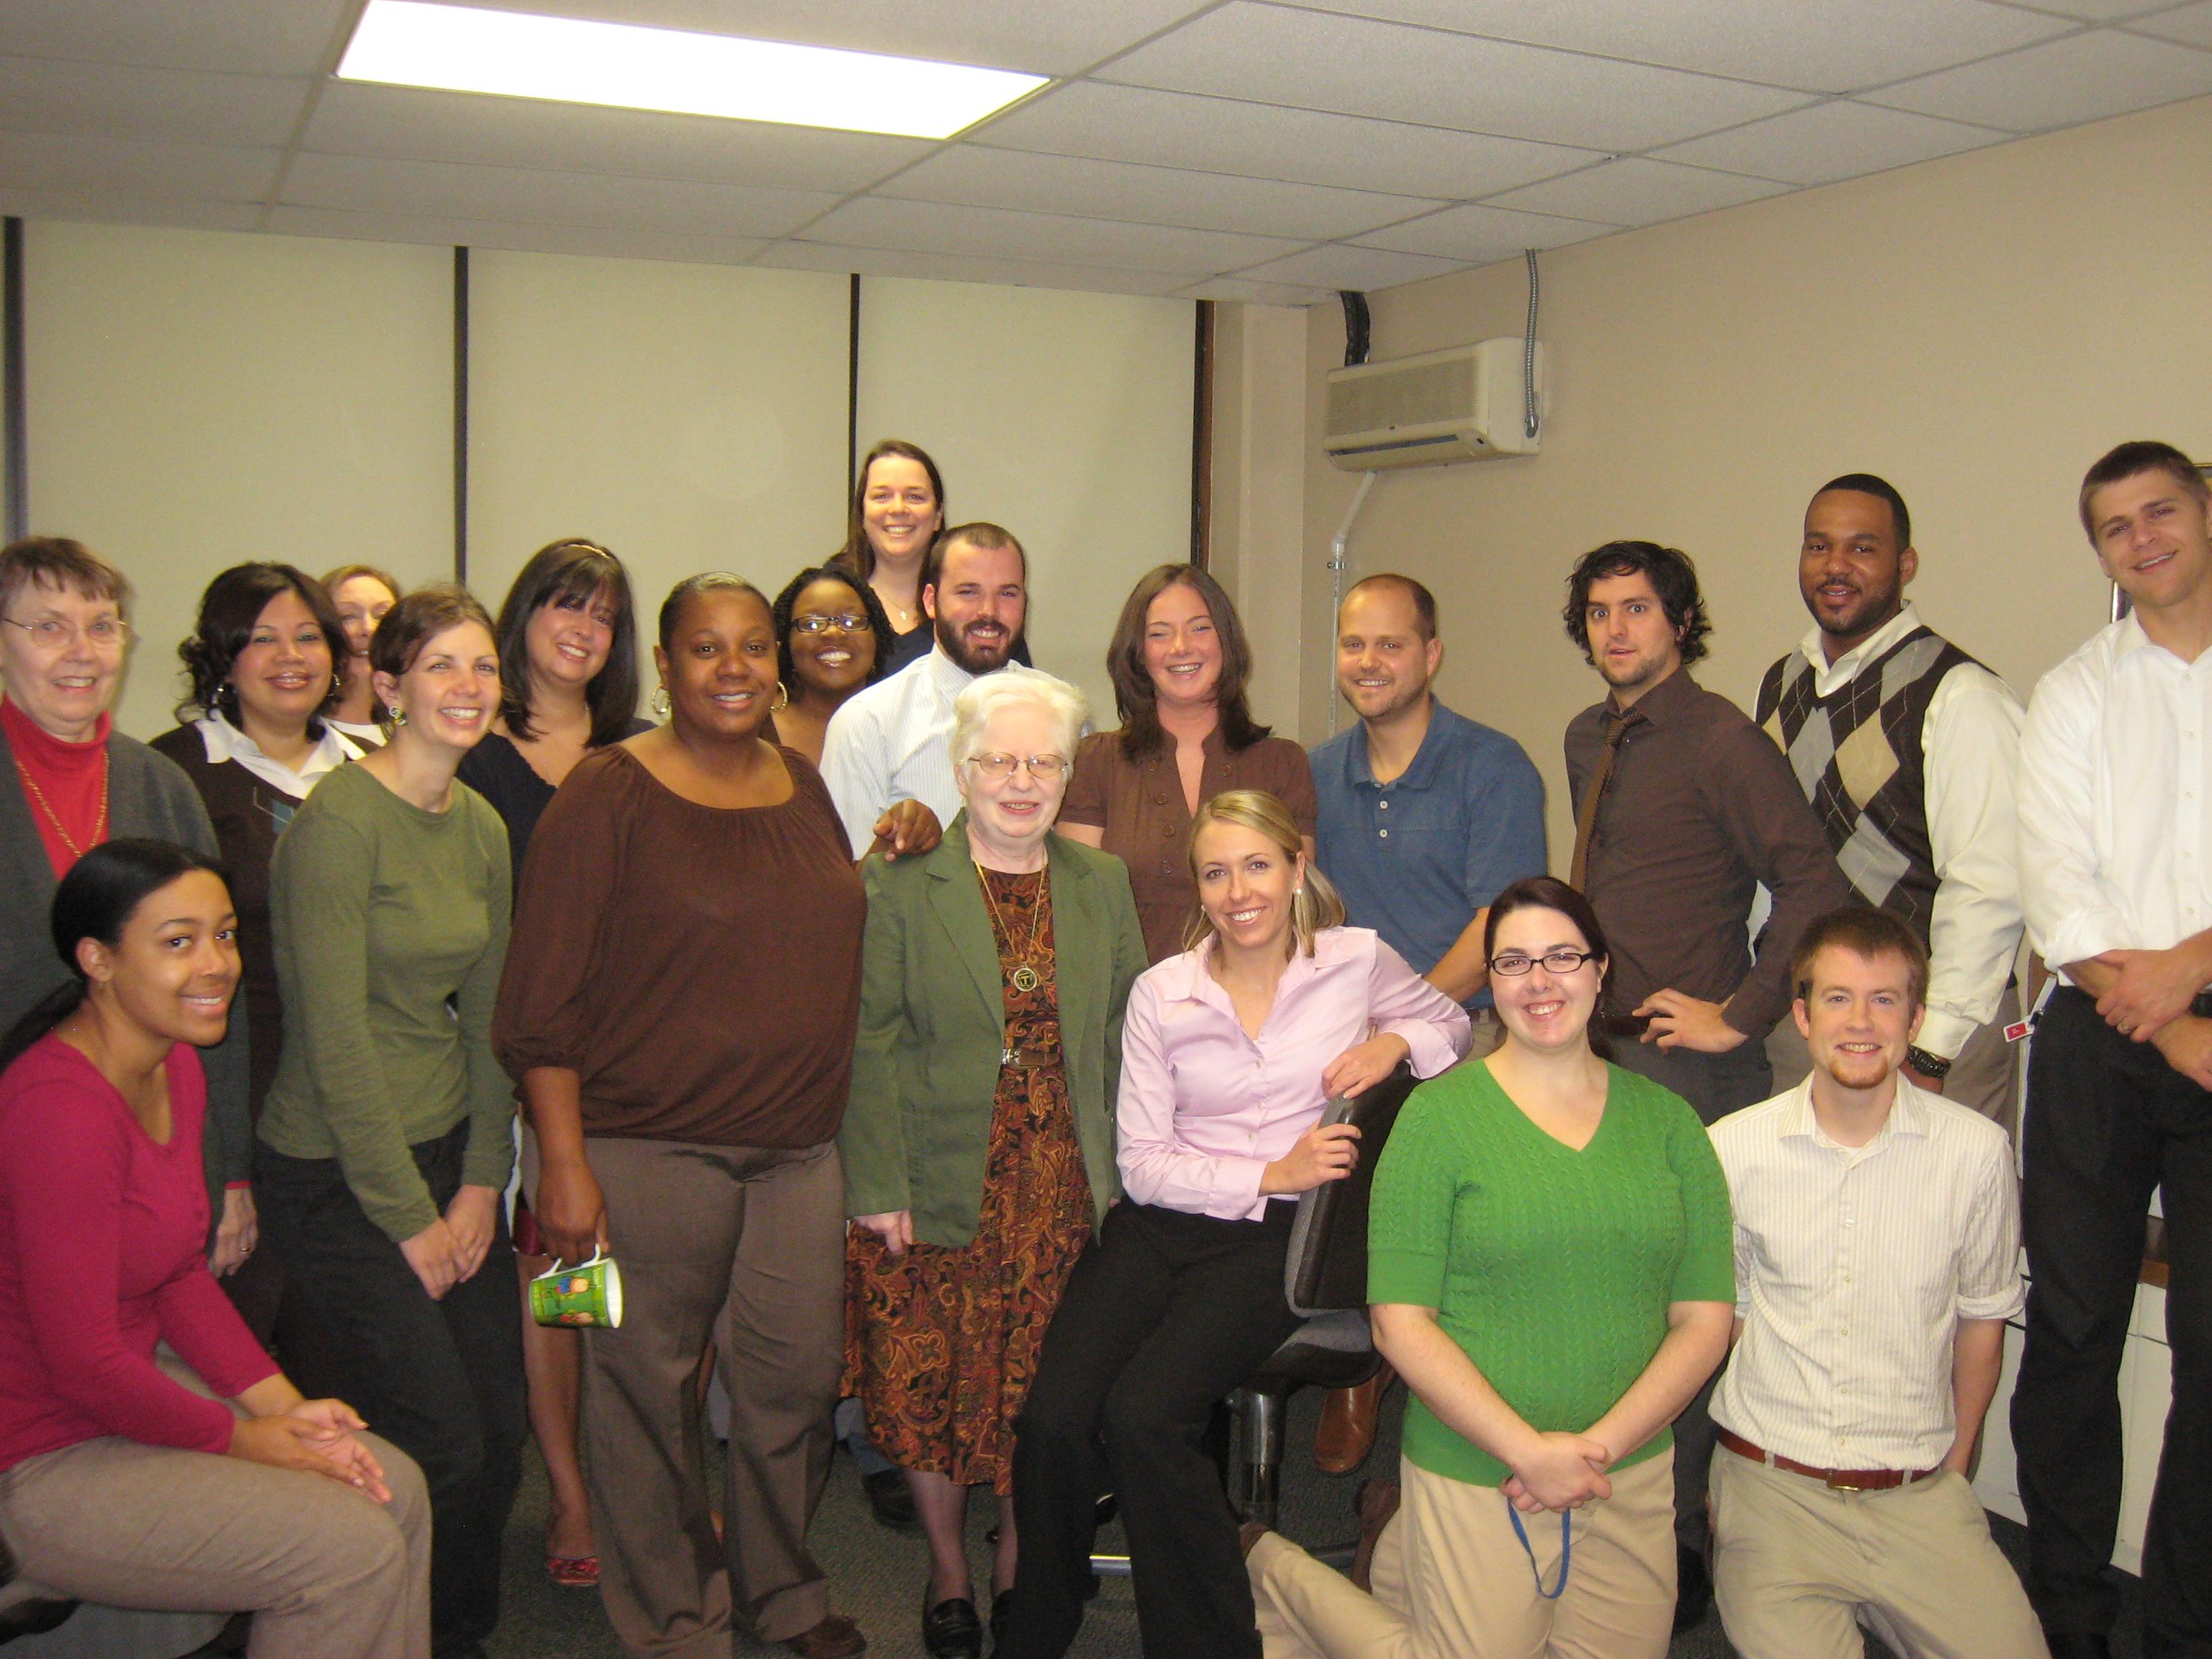 Comer Staff 2009-2010